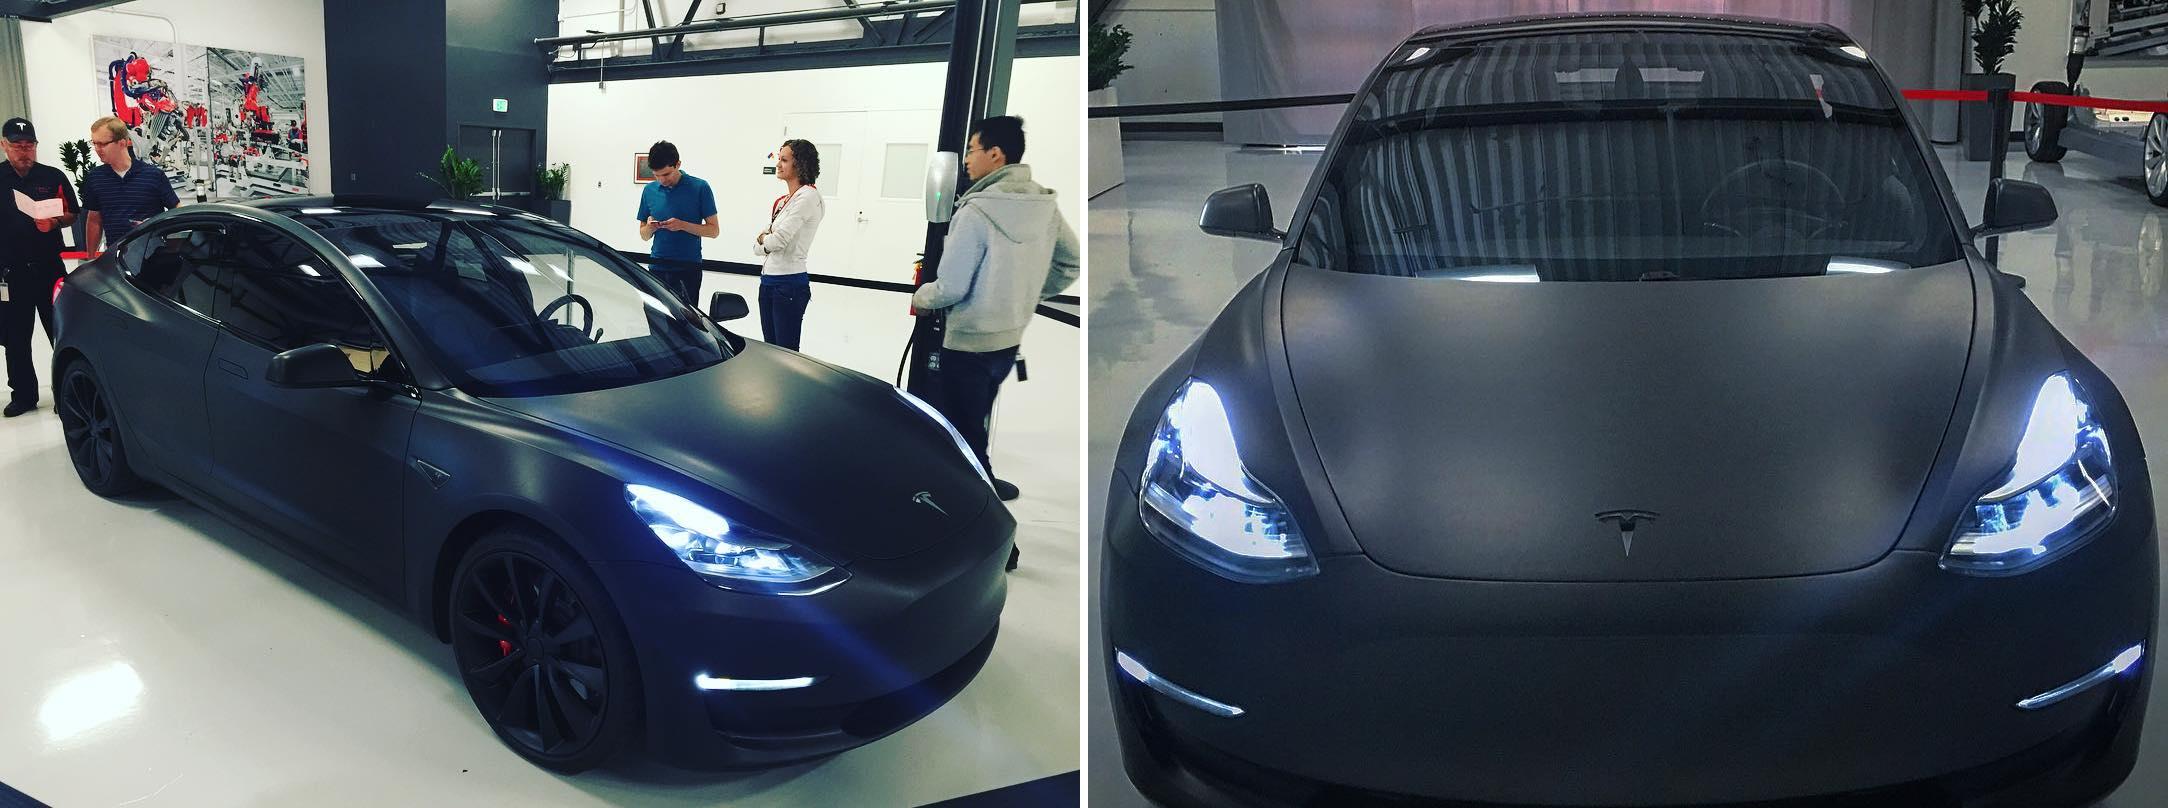 Tesla Model 3 displayed at Tesla HQ